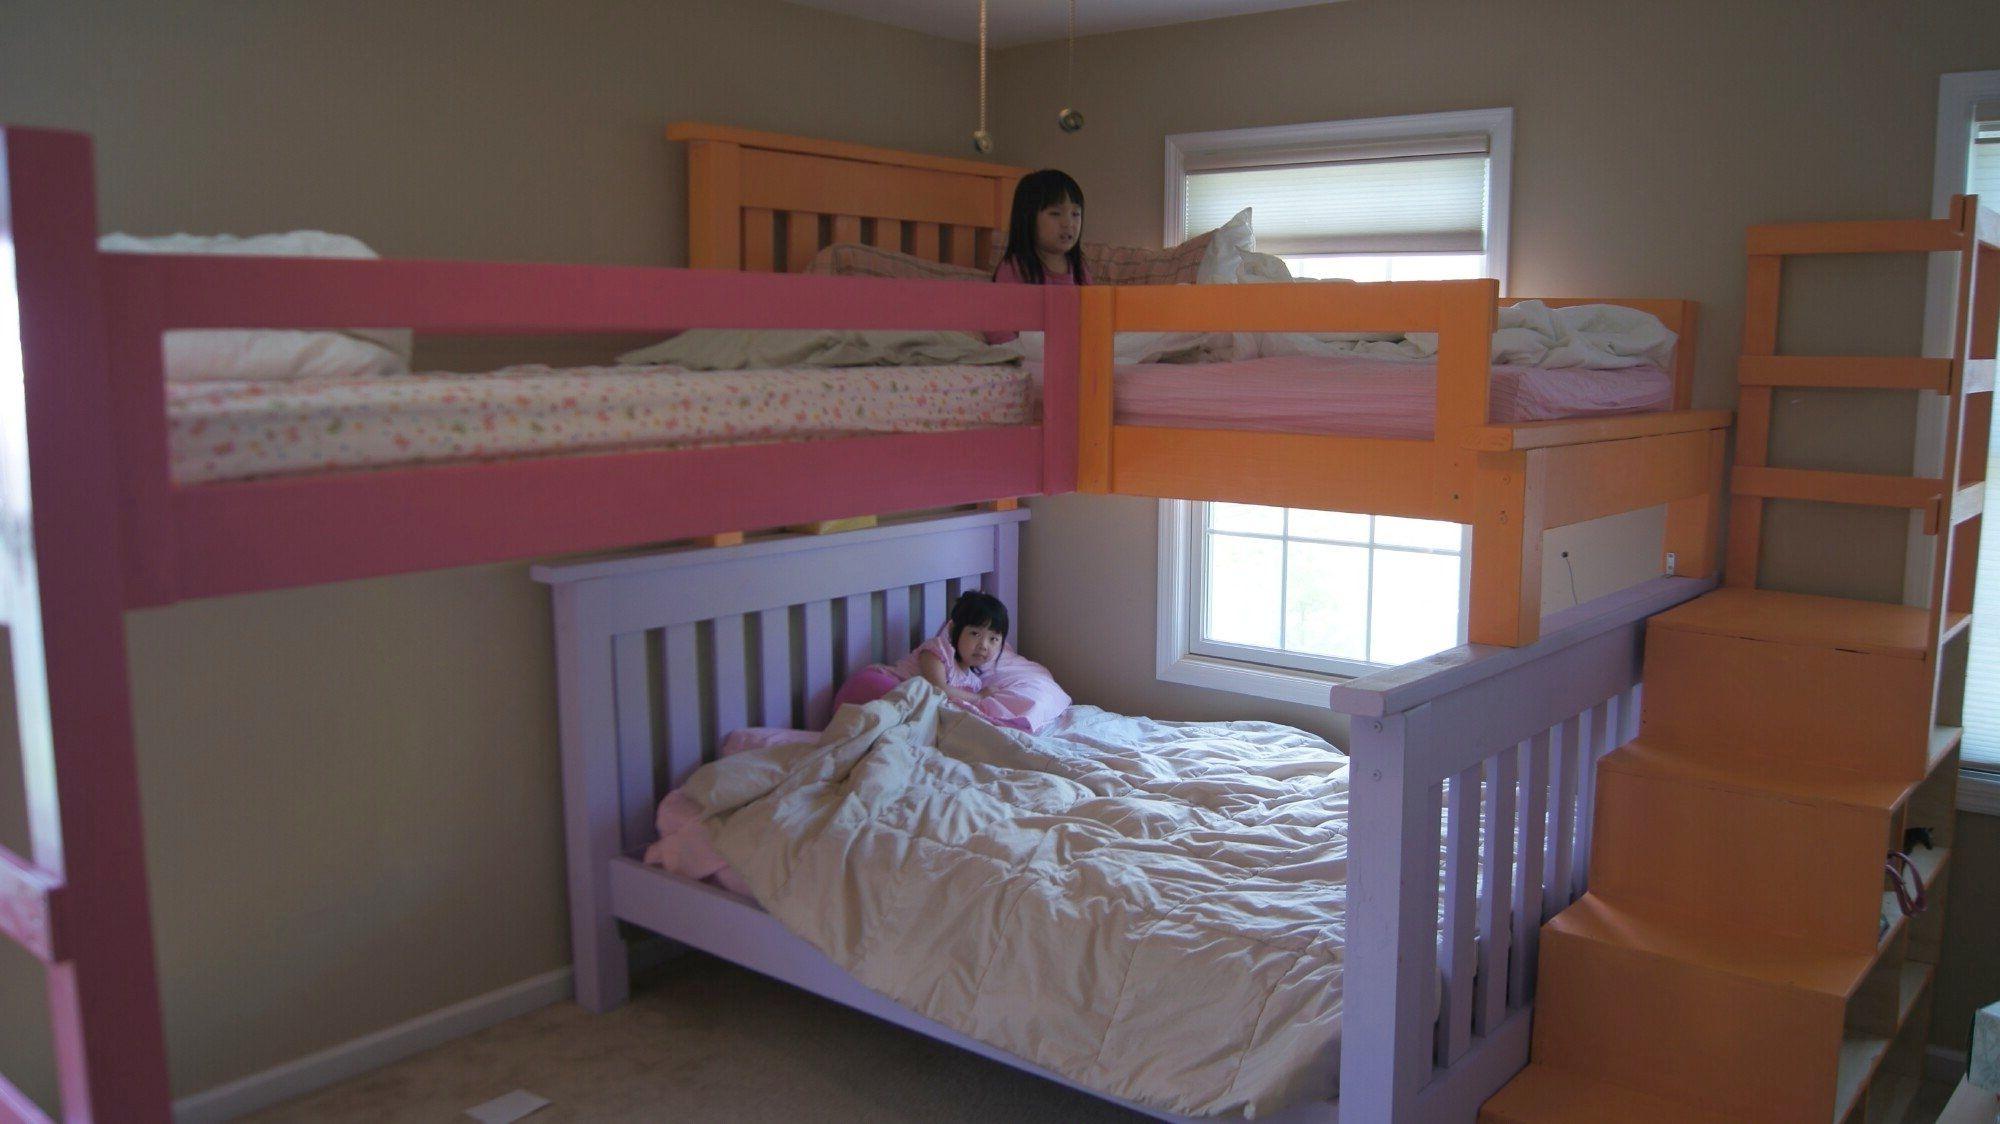 Full Size of Betten Bei Ikea Coole Jugend Günstige 140x200 Schramm Balinesische Bonprix Für übergewichtige Mit Bettkasten Stauraum Japanische Massiv Dänisches Wohnzimmer Betten Teenager